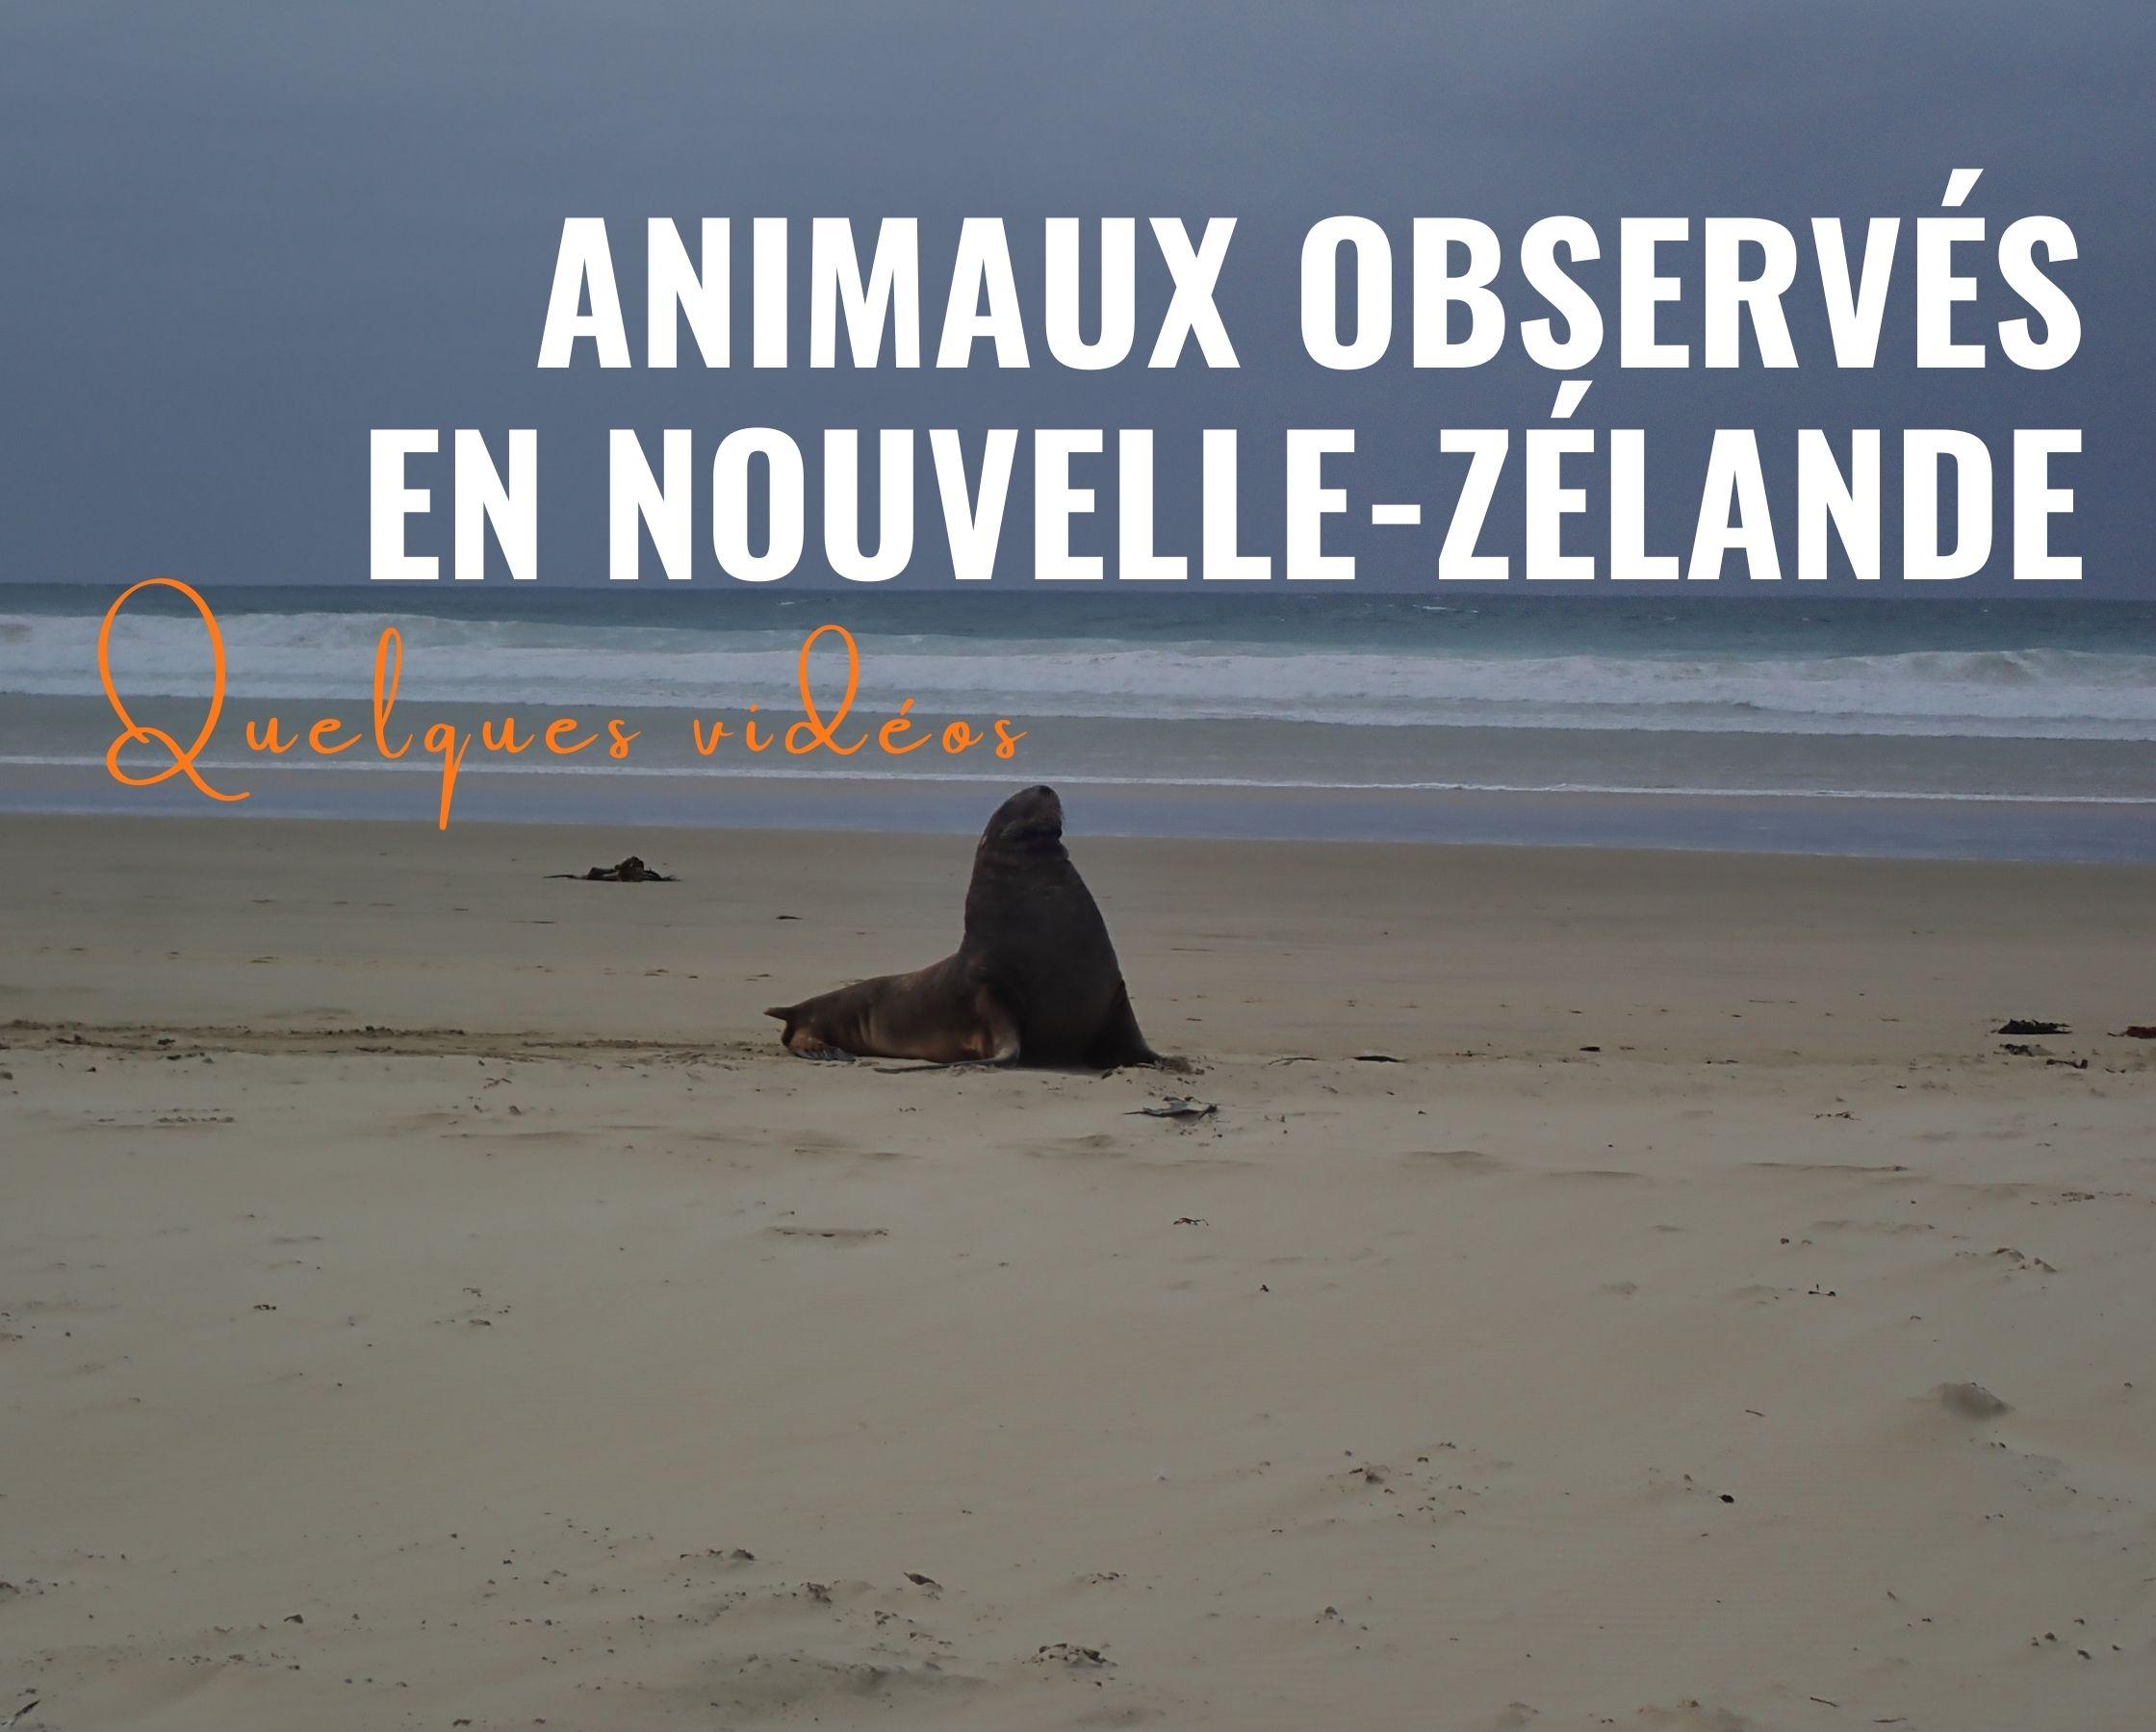 Vidéos : animaux observés en Nouvelle-Zélande